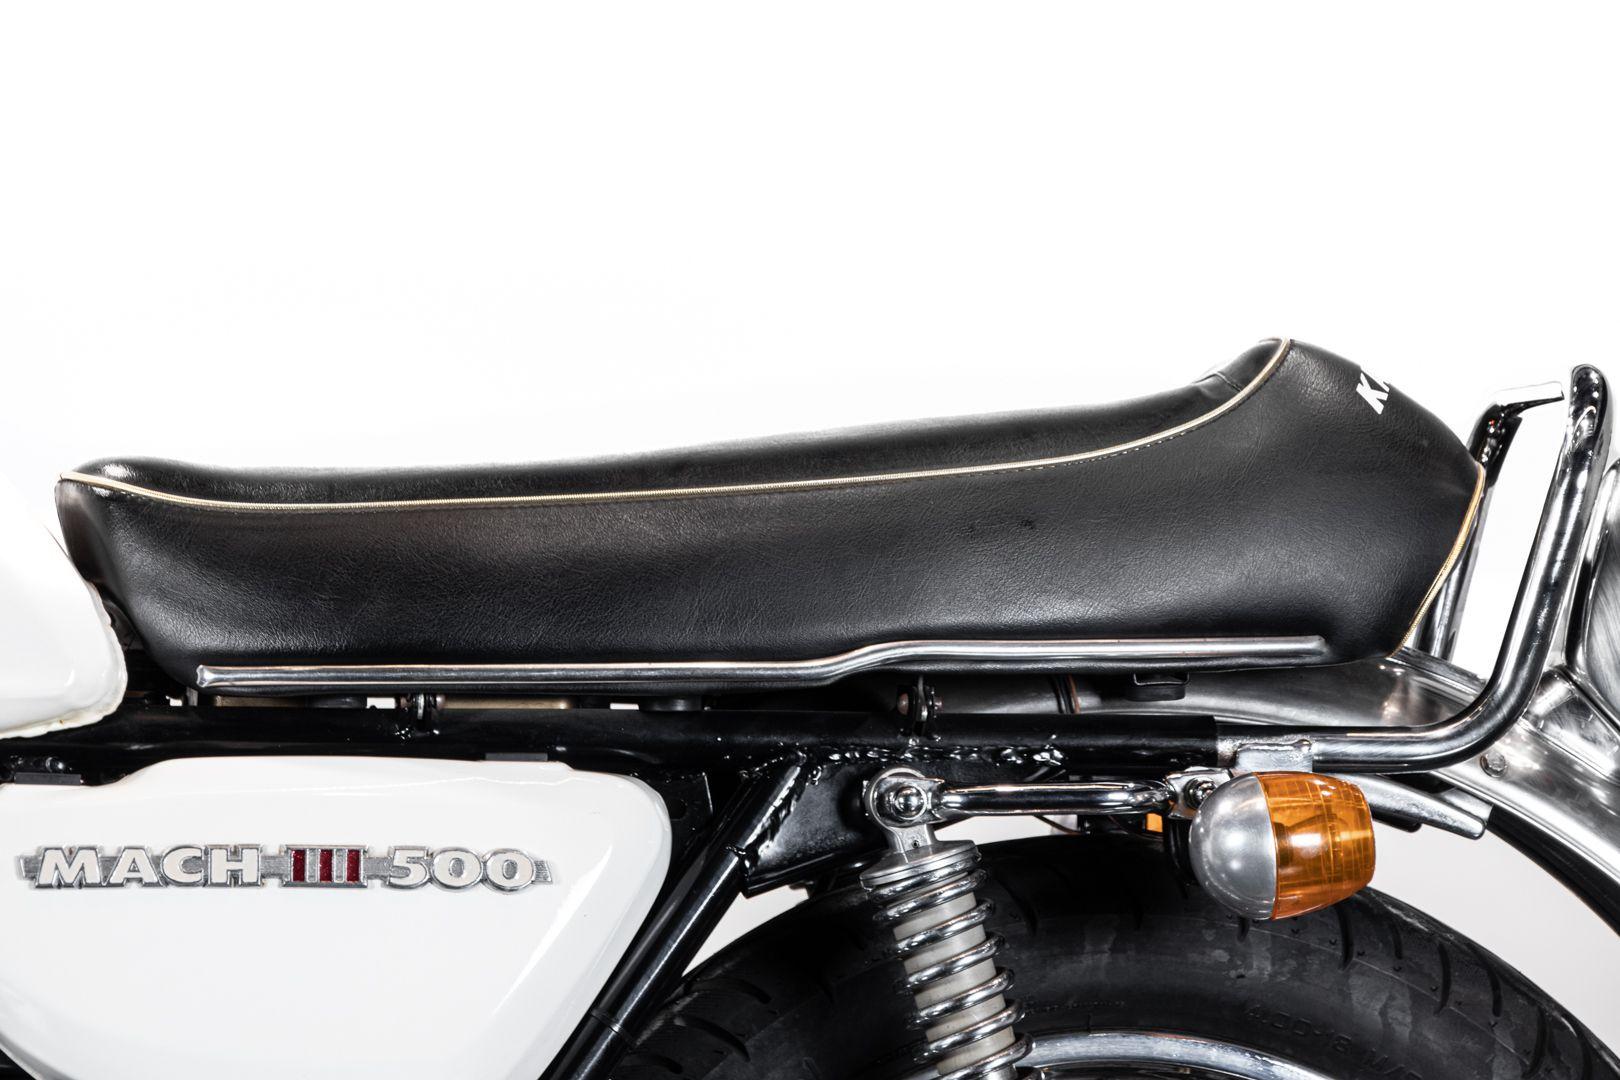 1970 Kawasaki Mach III H1 500 62079